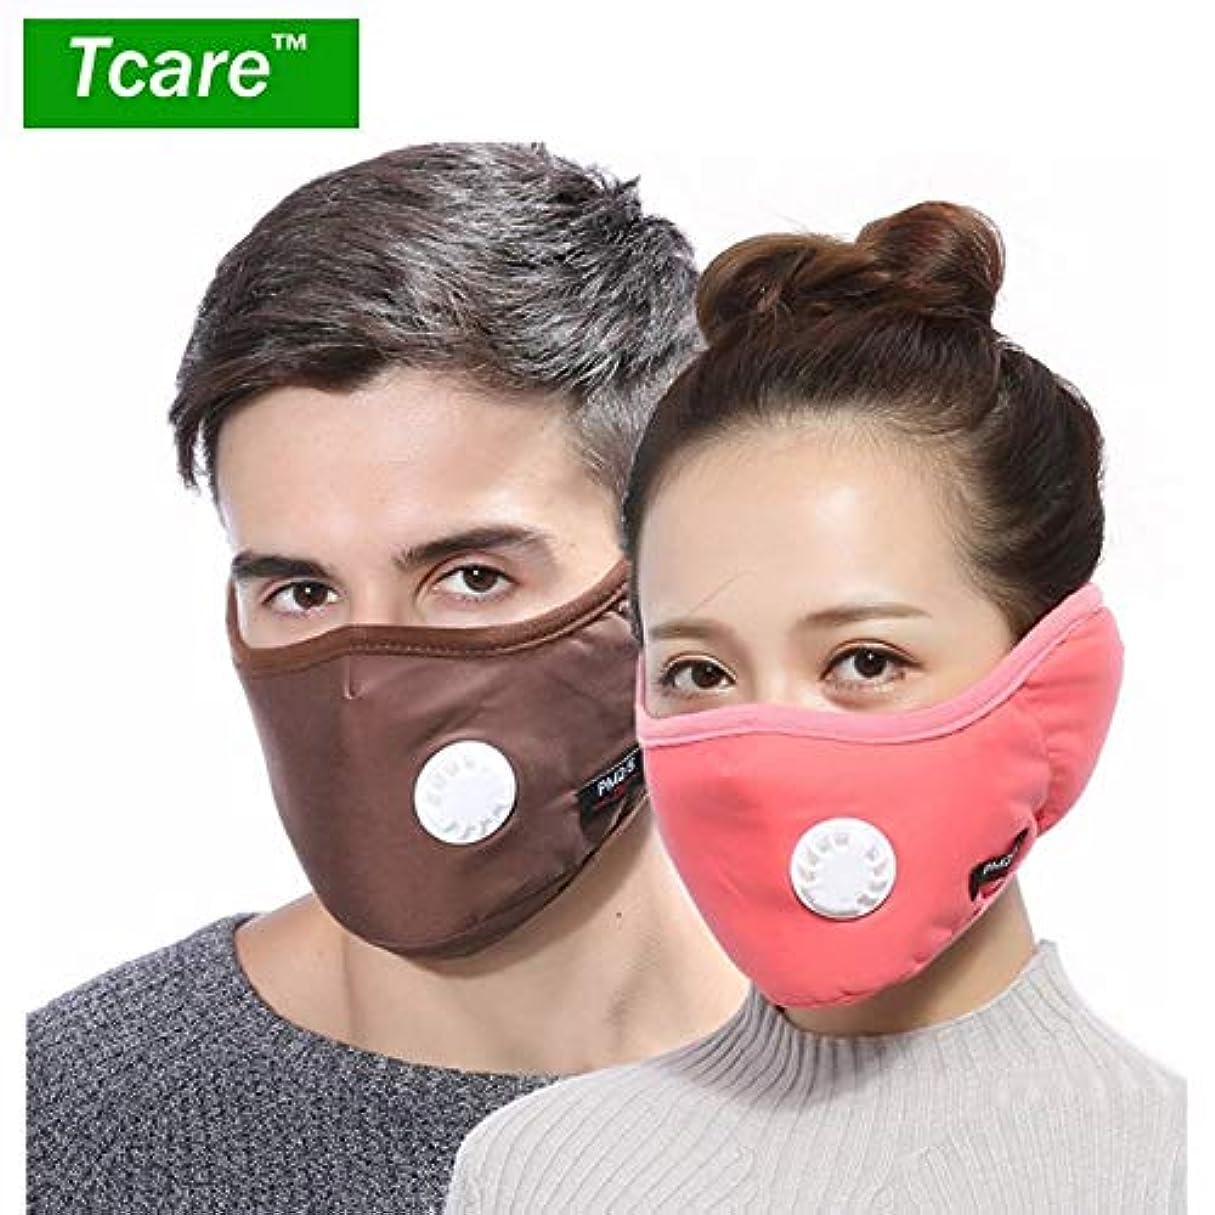 収束する増幅規則性Tcare 2 1におけるPM2.5マスクバルブコットンアンチダスト口マスクの冬のイヤーマフActtedフィルター付マスク:9アーミーグリーン